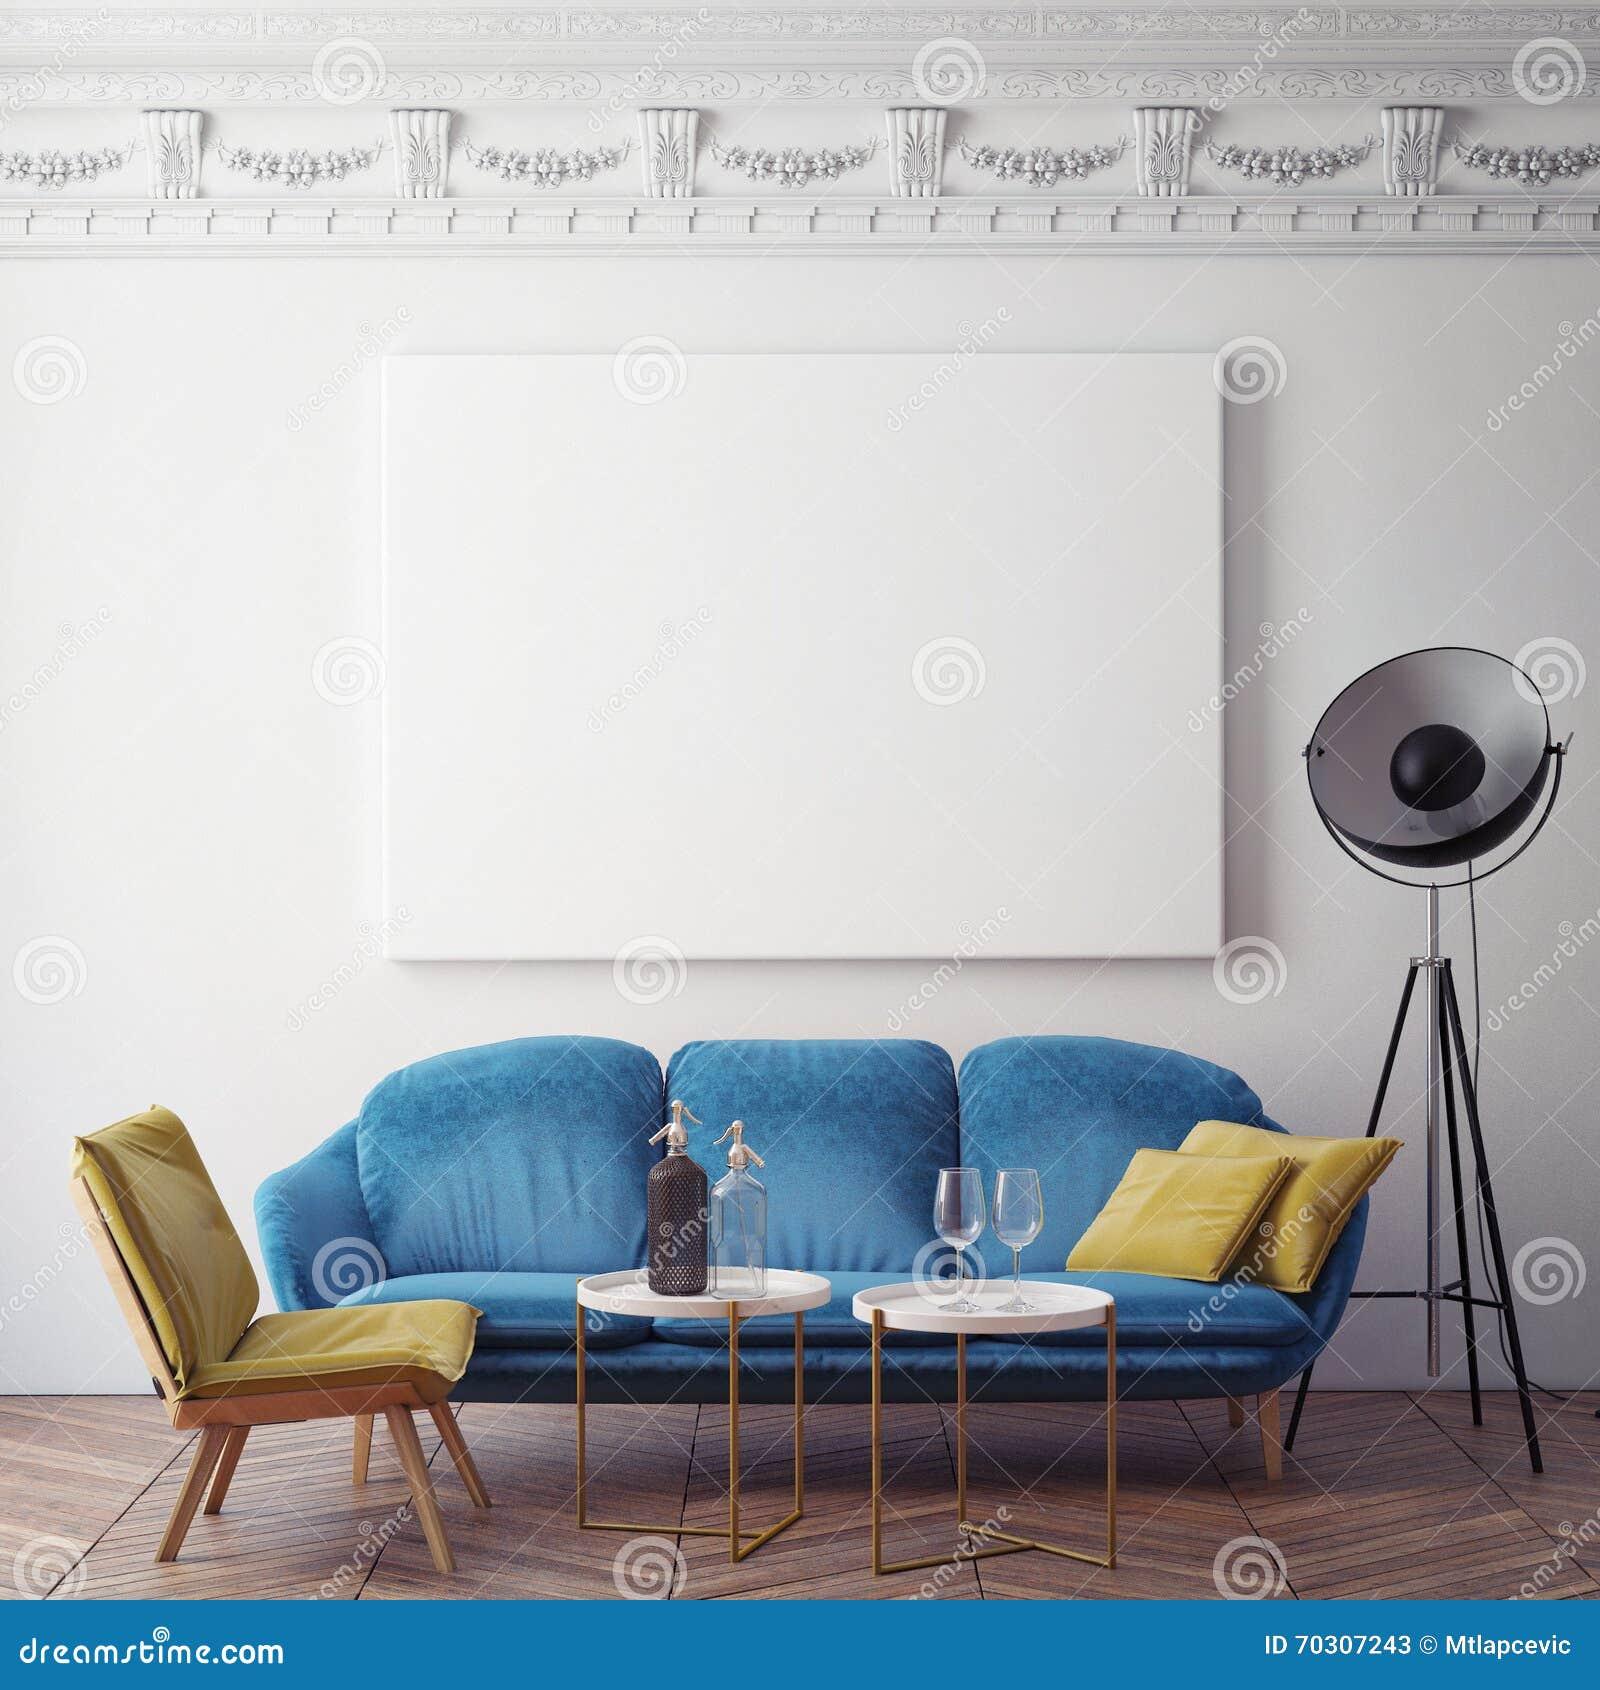 Imite encima del cartel en blanco en la pared del dormitorio, fondo del ejemplo 3D,